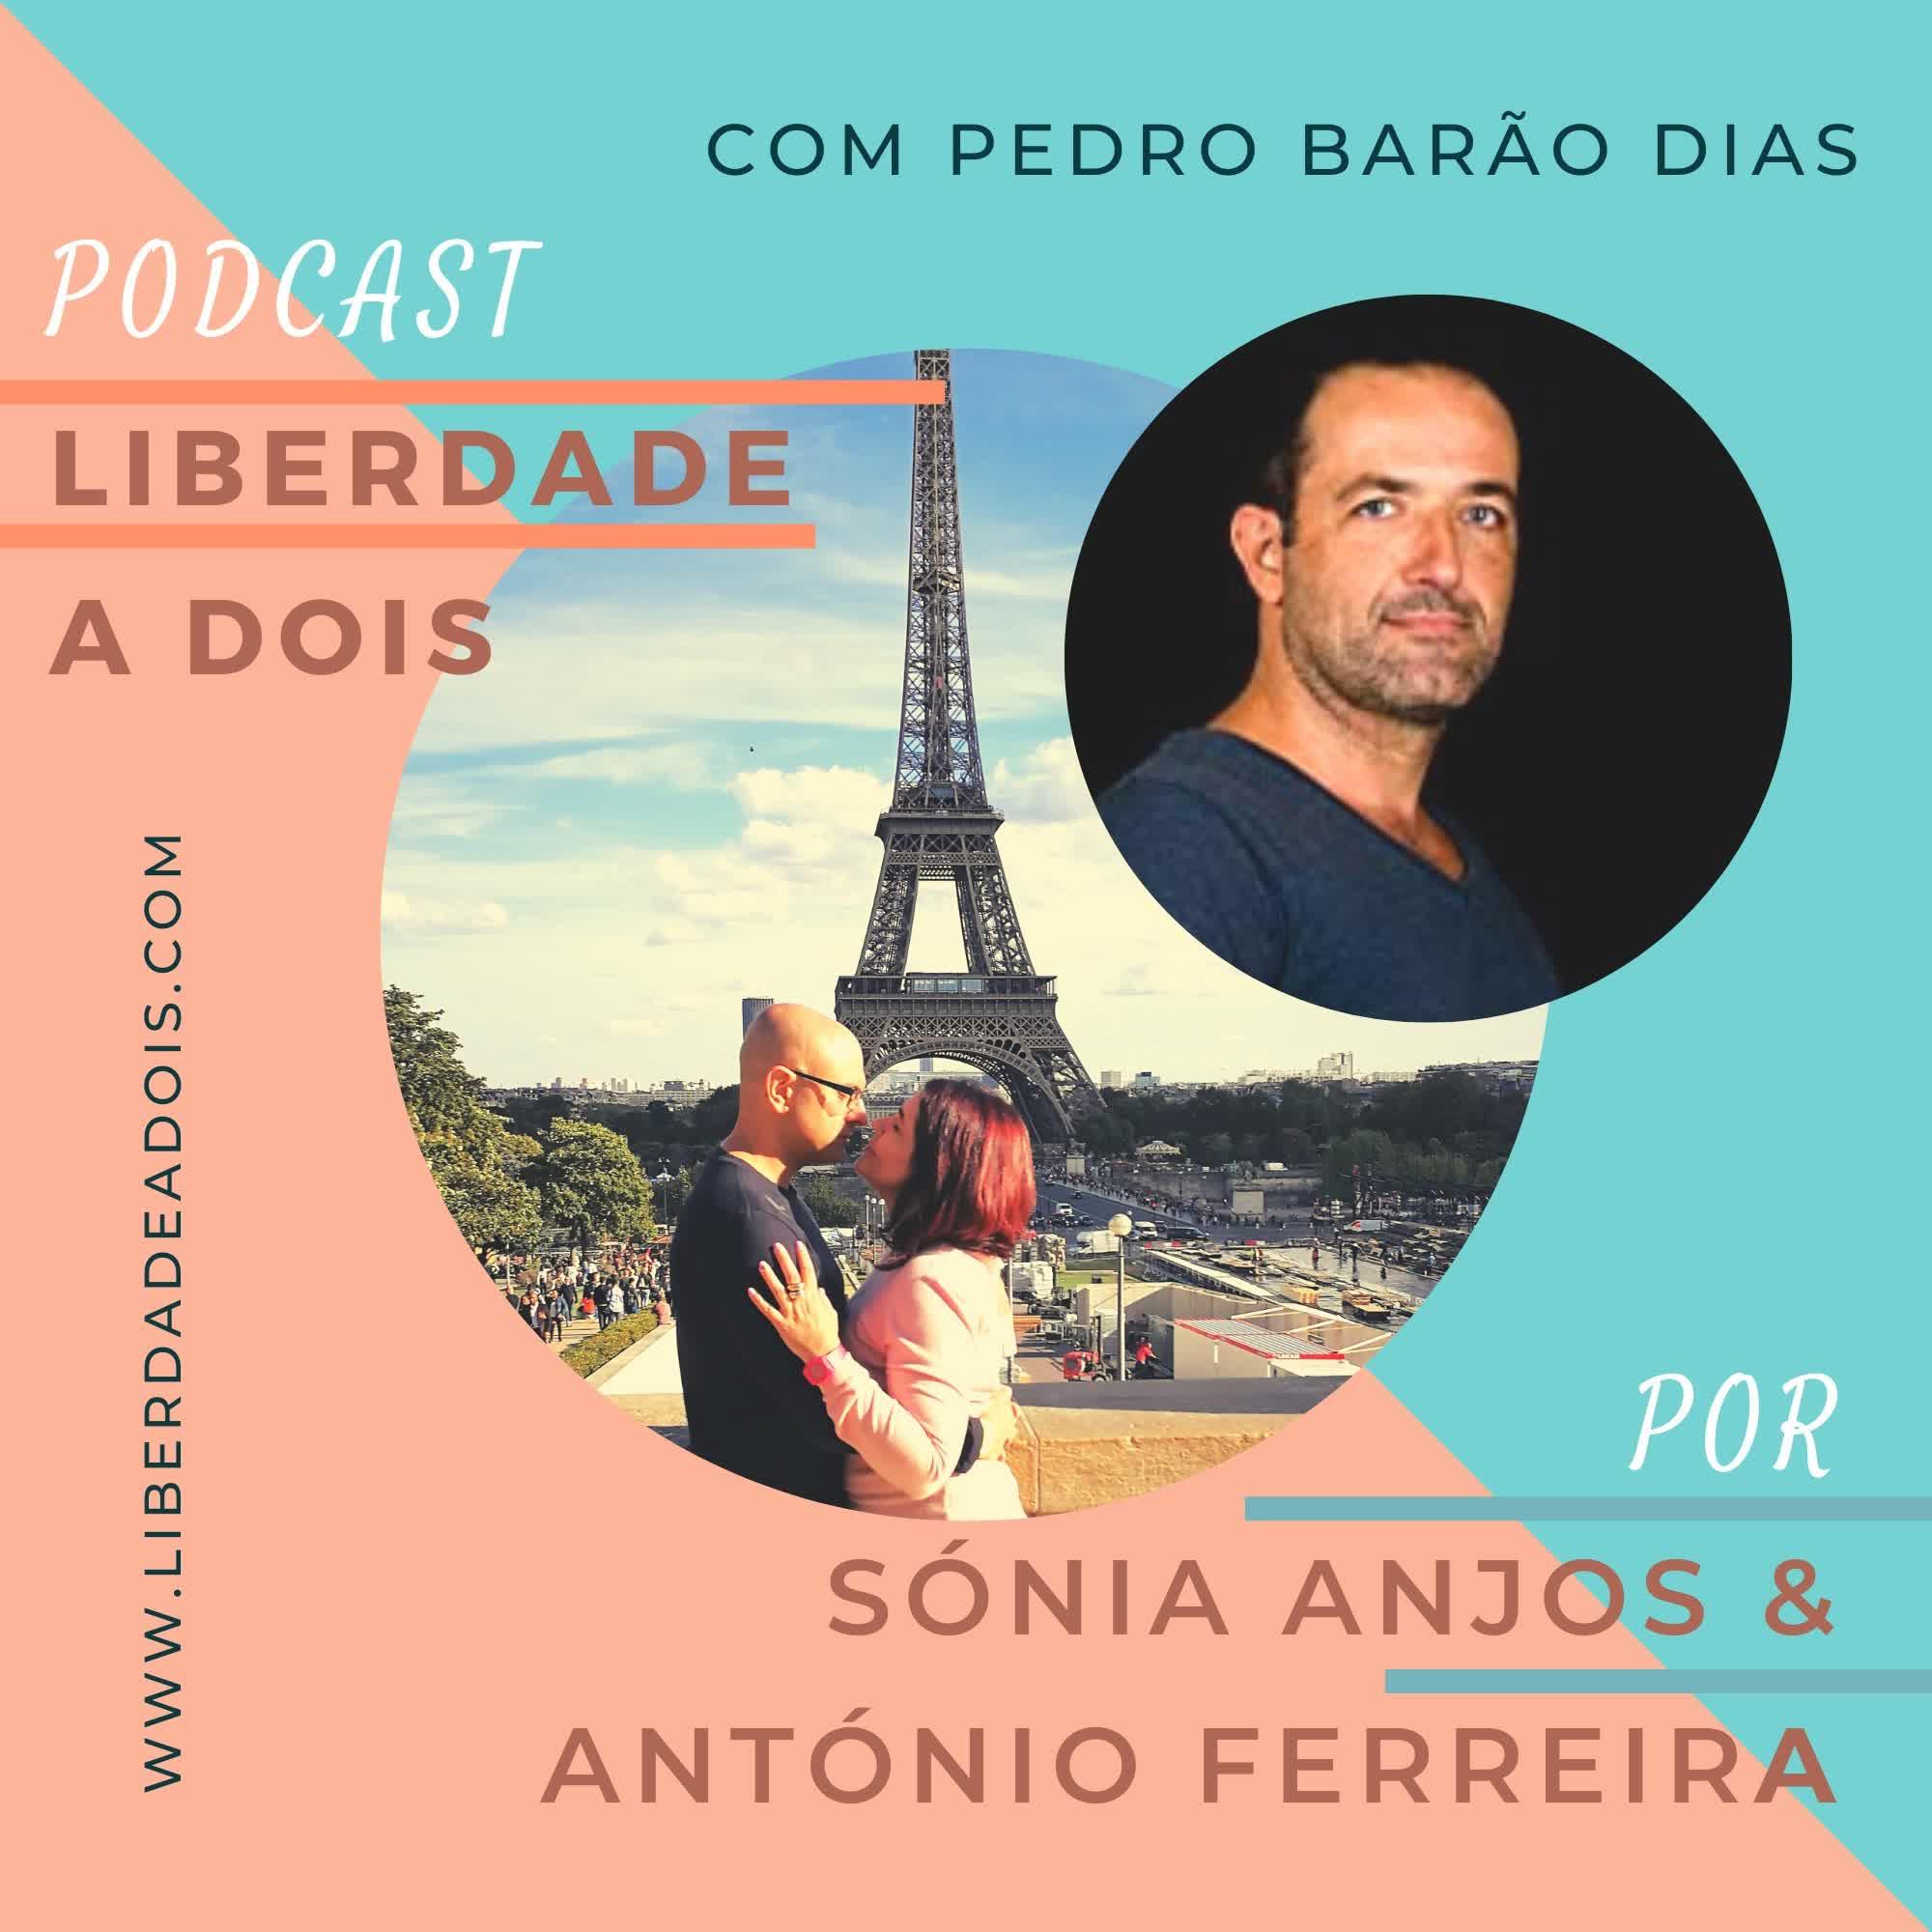 #11 T2 - Pedro Barão Dias - Vai Onde Te Leva o Coração